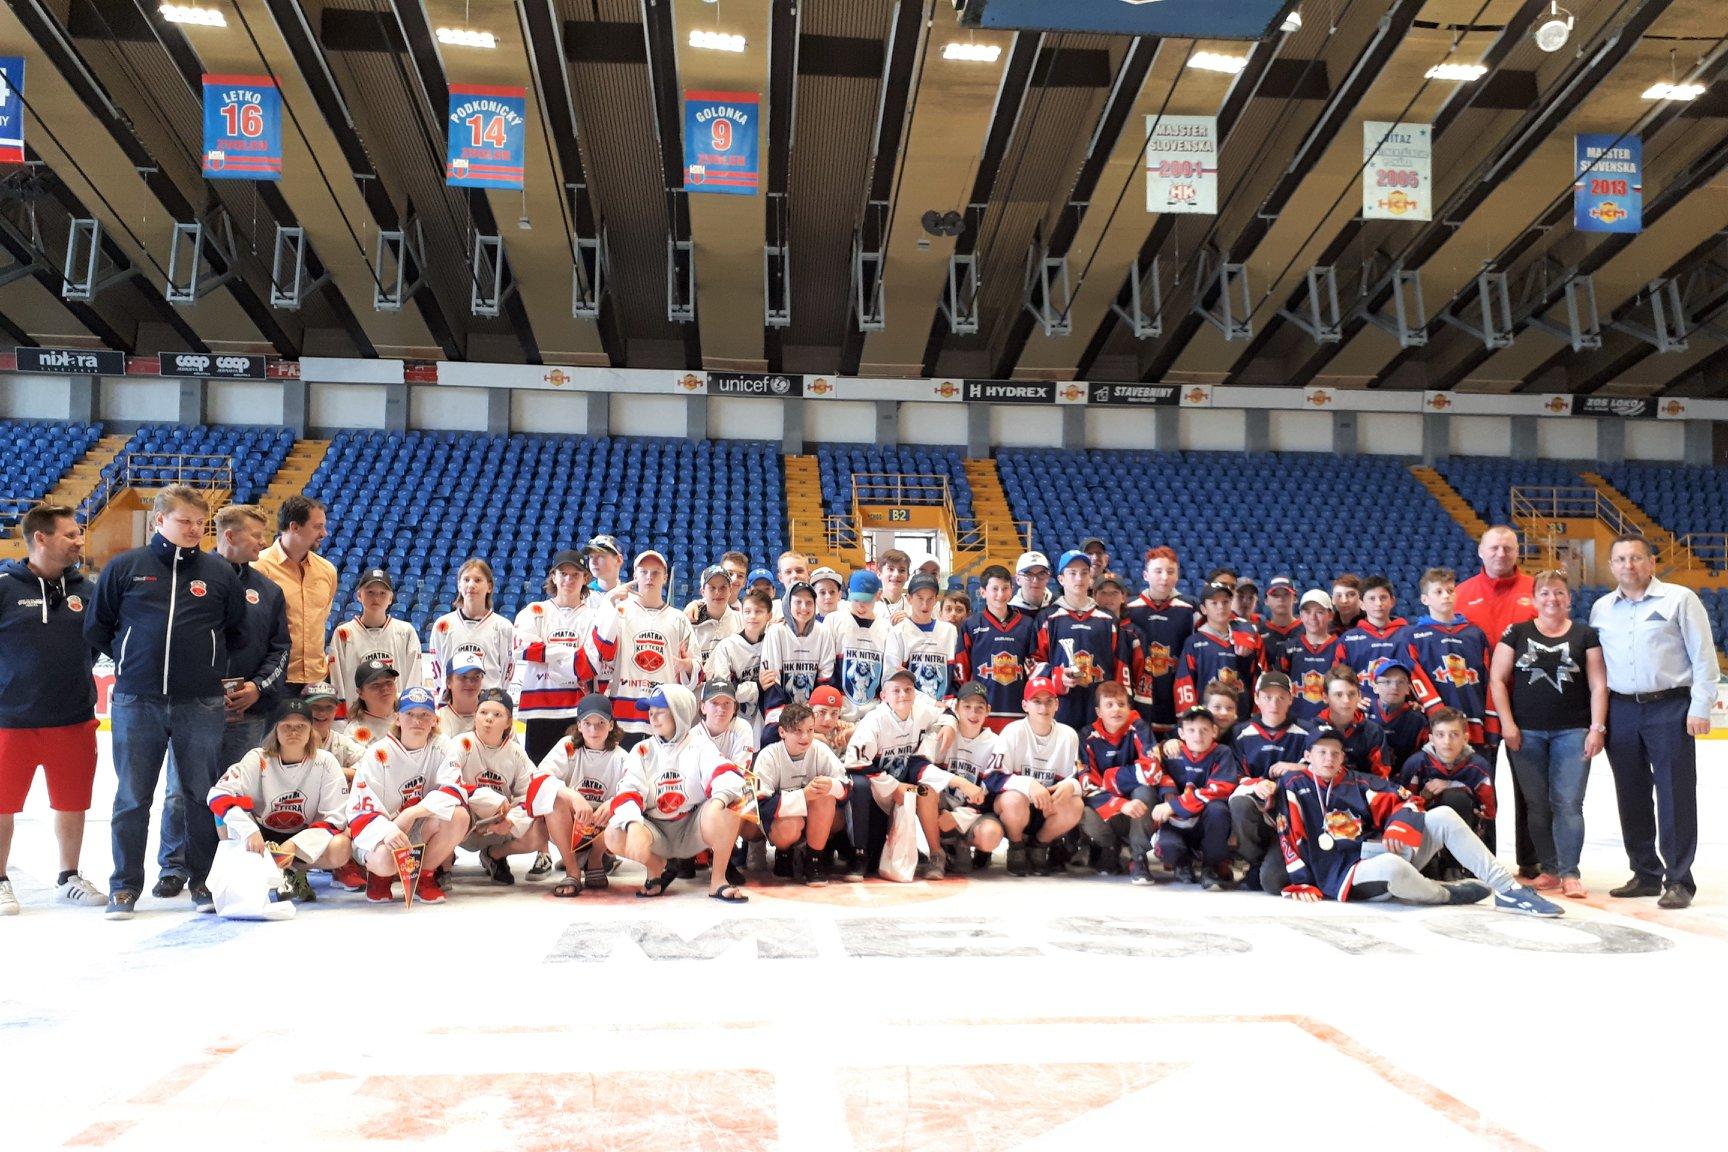 turnaj-st-ziakov-hokej-zv-46